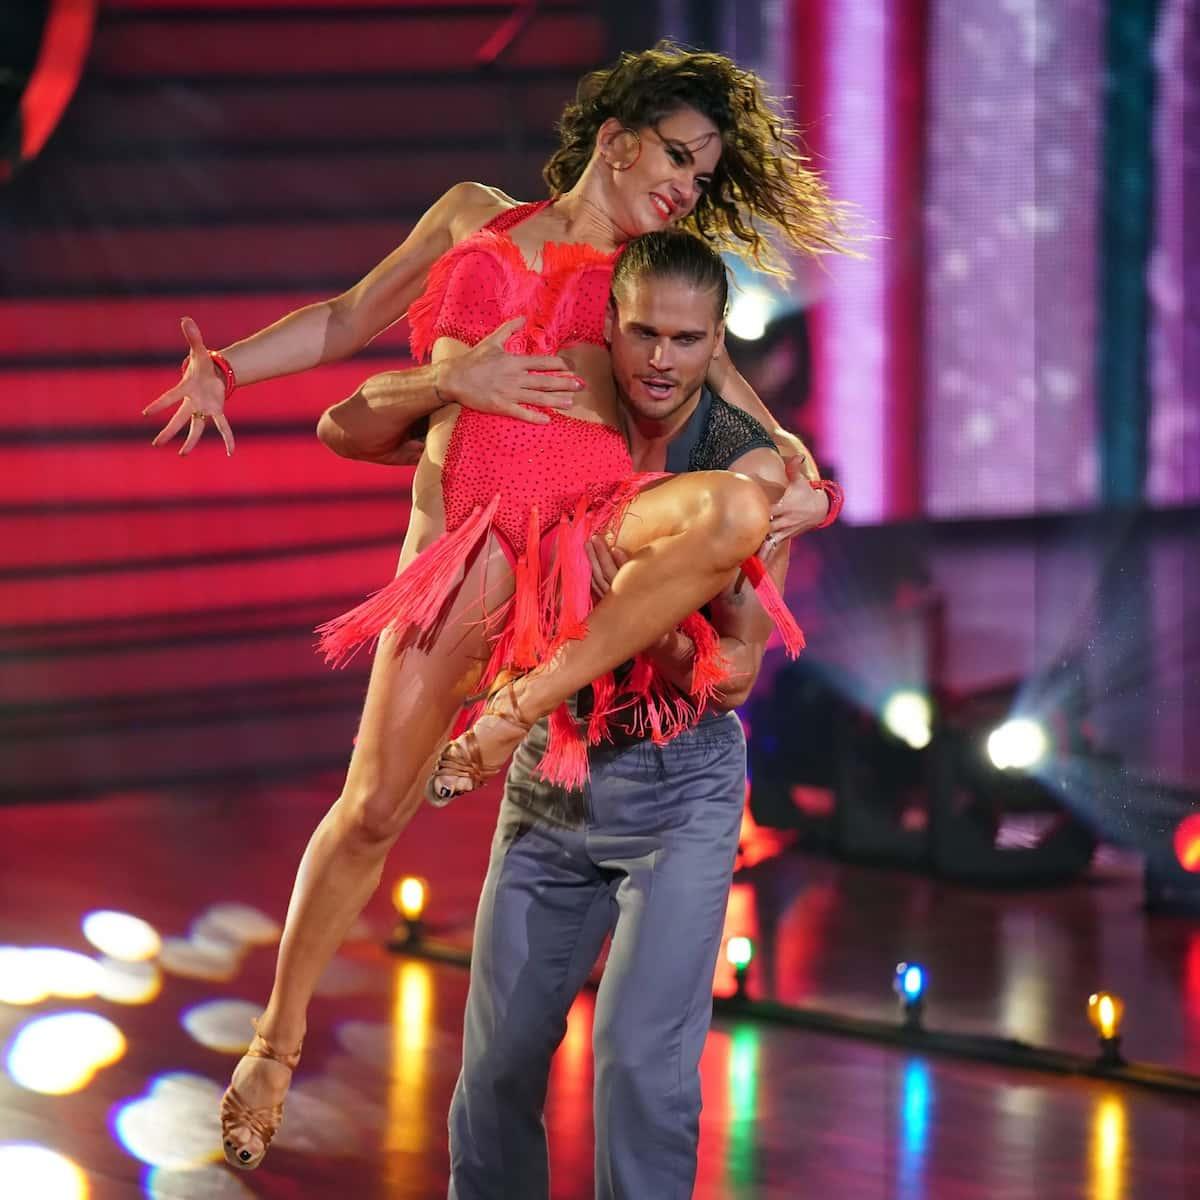 Rurik Gislason und Renata Lusin bei Let's dance am 5.3.2021